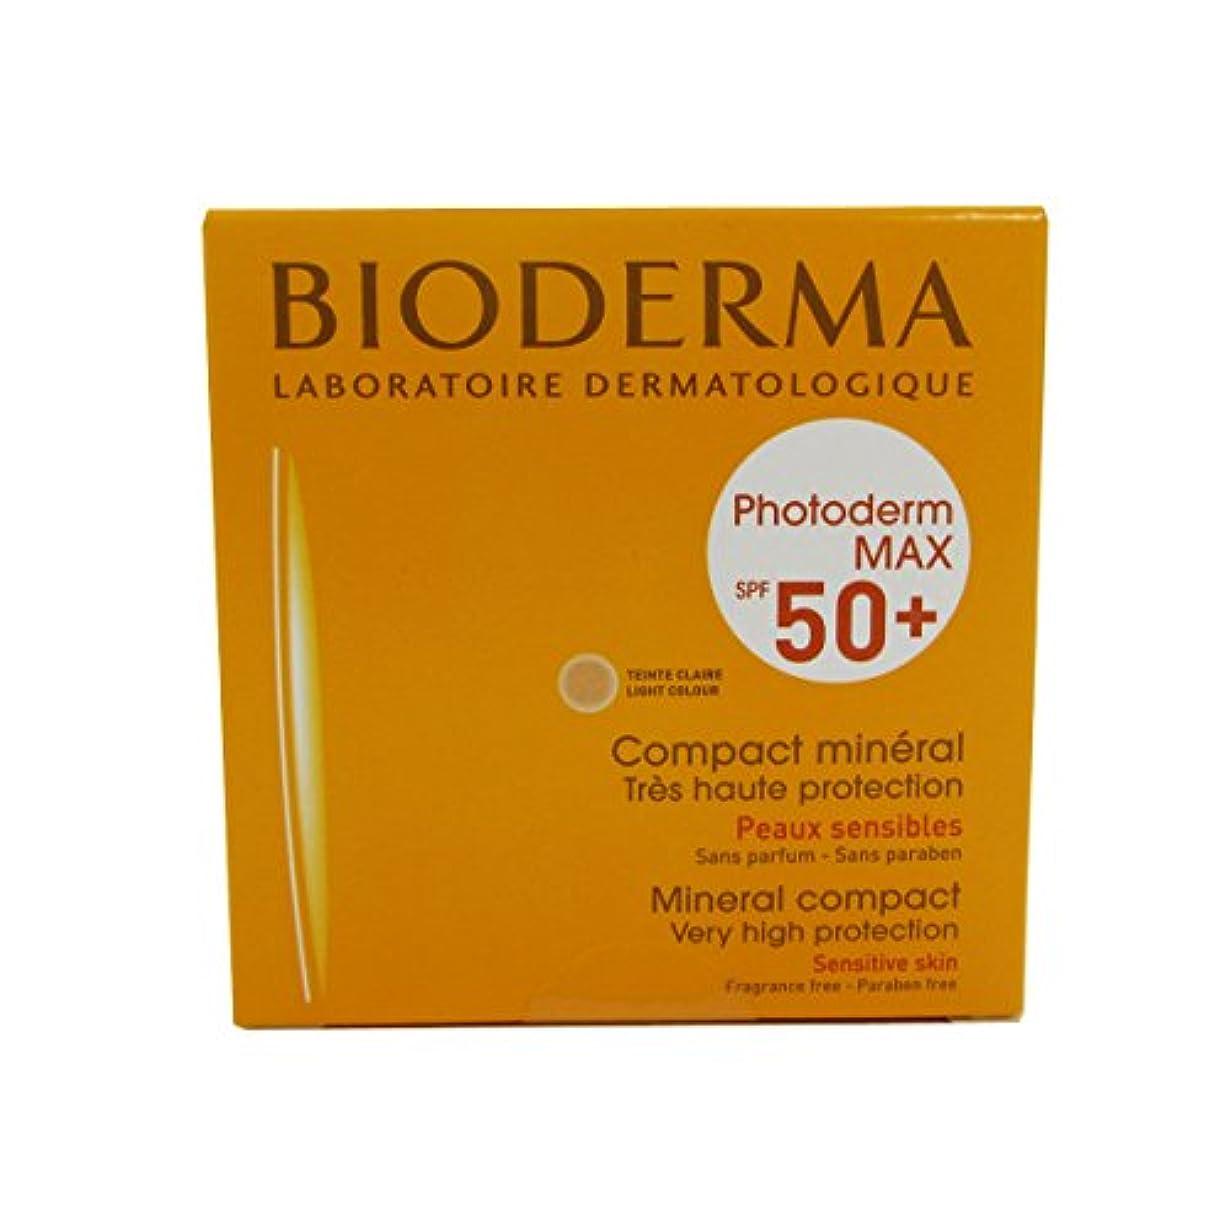 直立またね代表するBioderma Photoderm Max Compact Mineral 50+ Light 10g [並行輸入品]